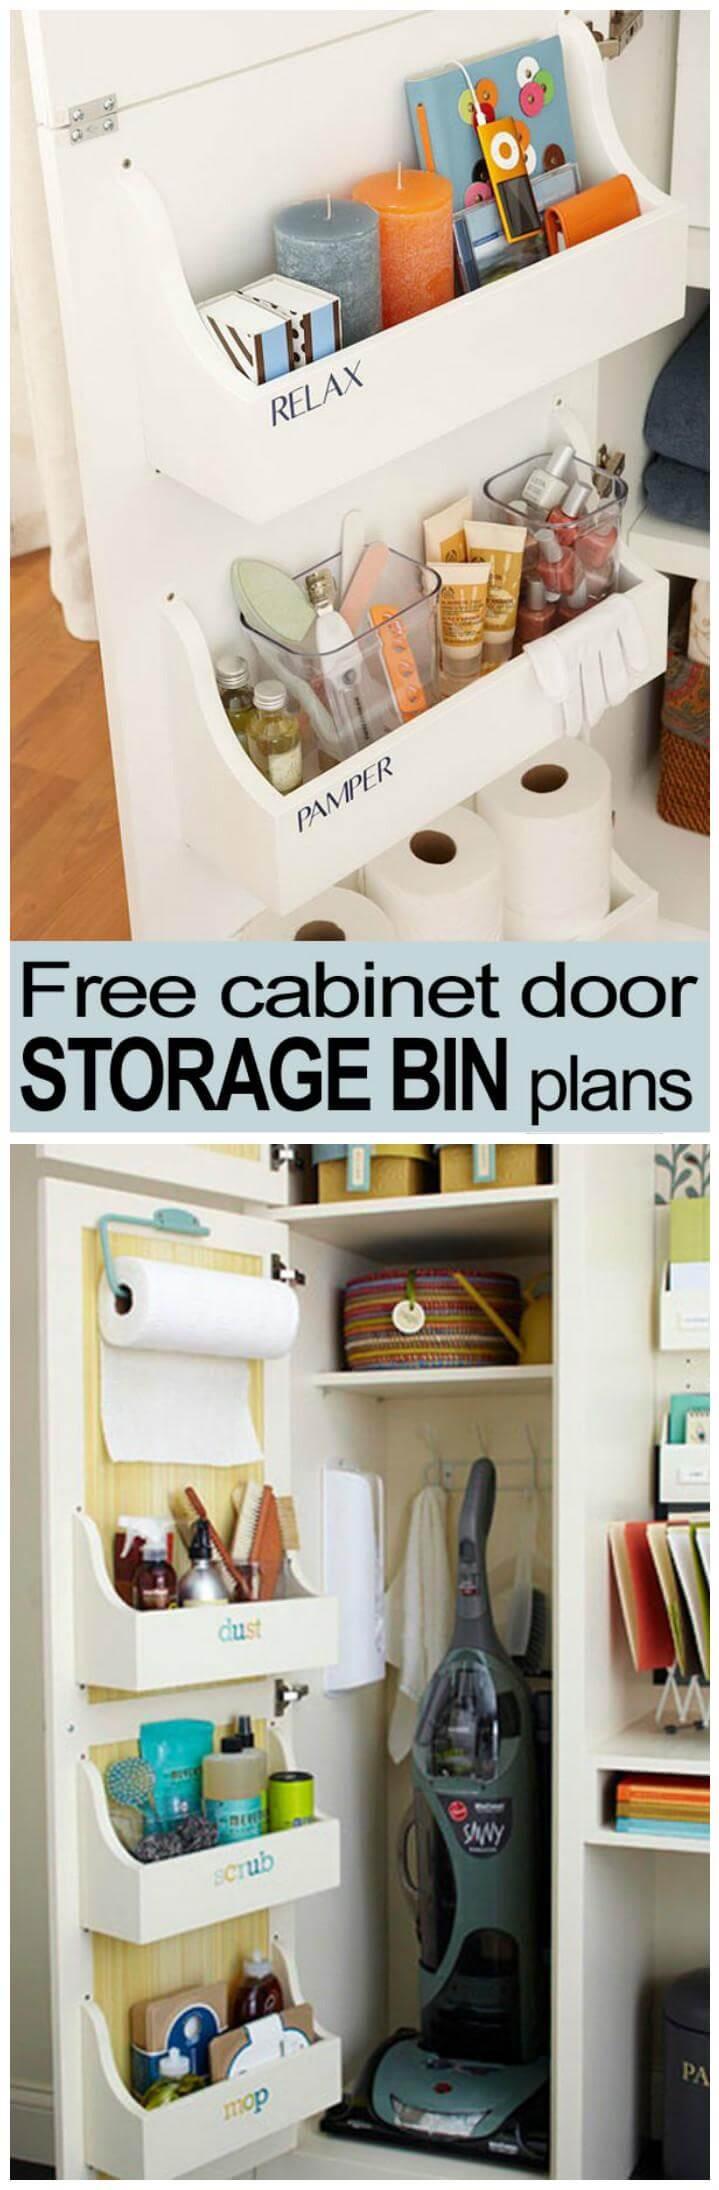 DIY cabinet door storage bin